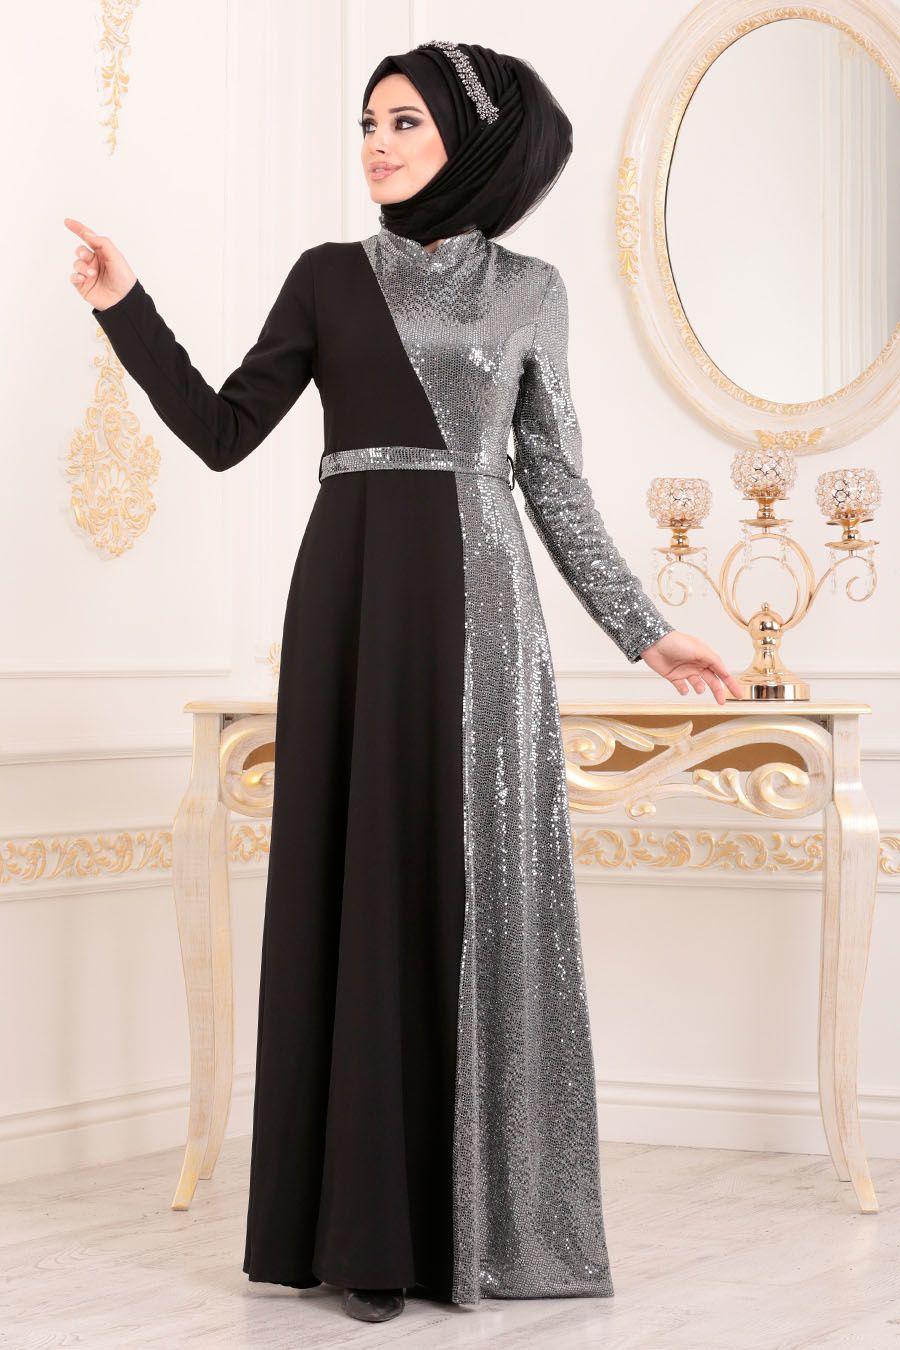 Tesetturlu Abiye Elbise Kemerli Gri Tesettur Abiye Elbise 1234gr Elbise Elbiseler Islami Giyim